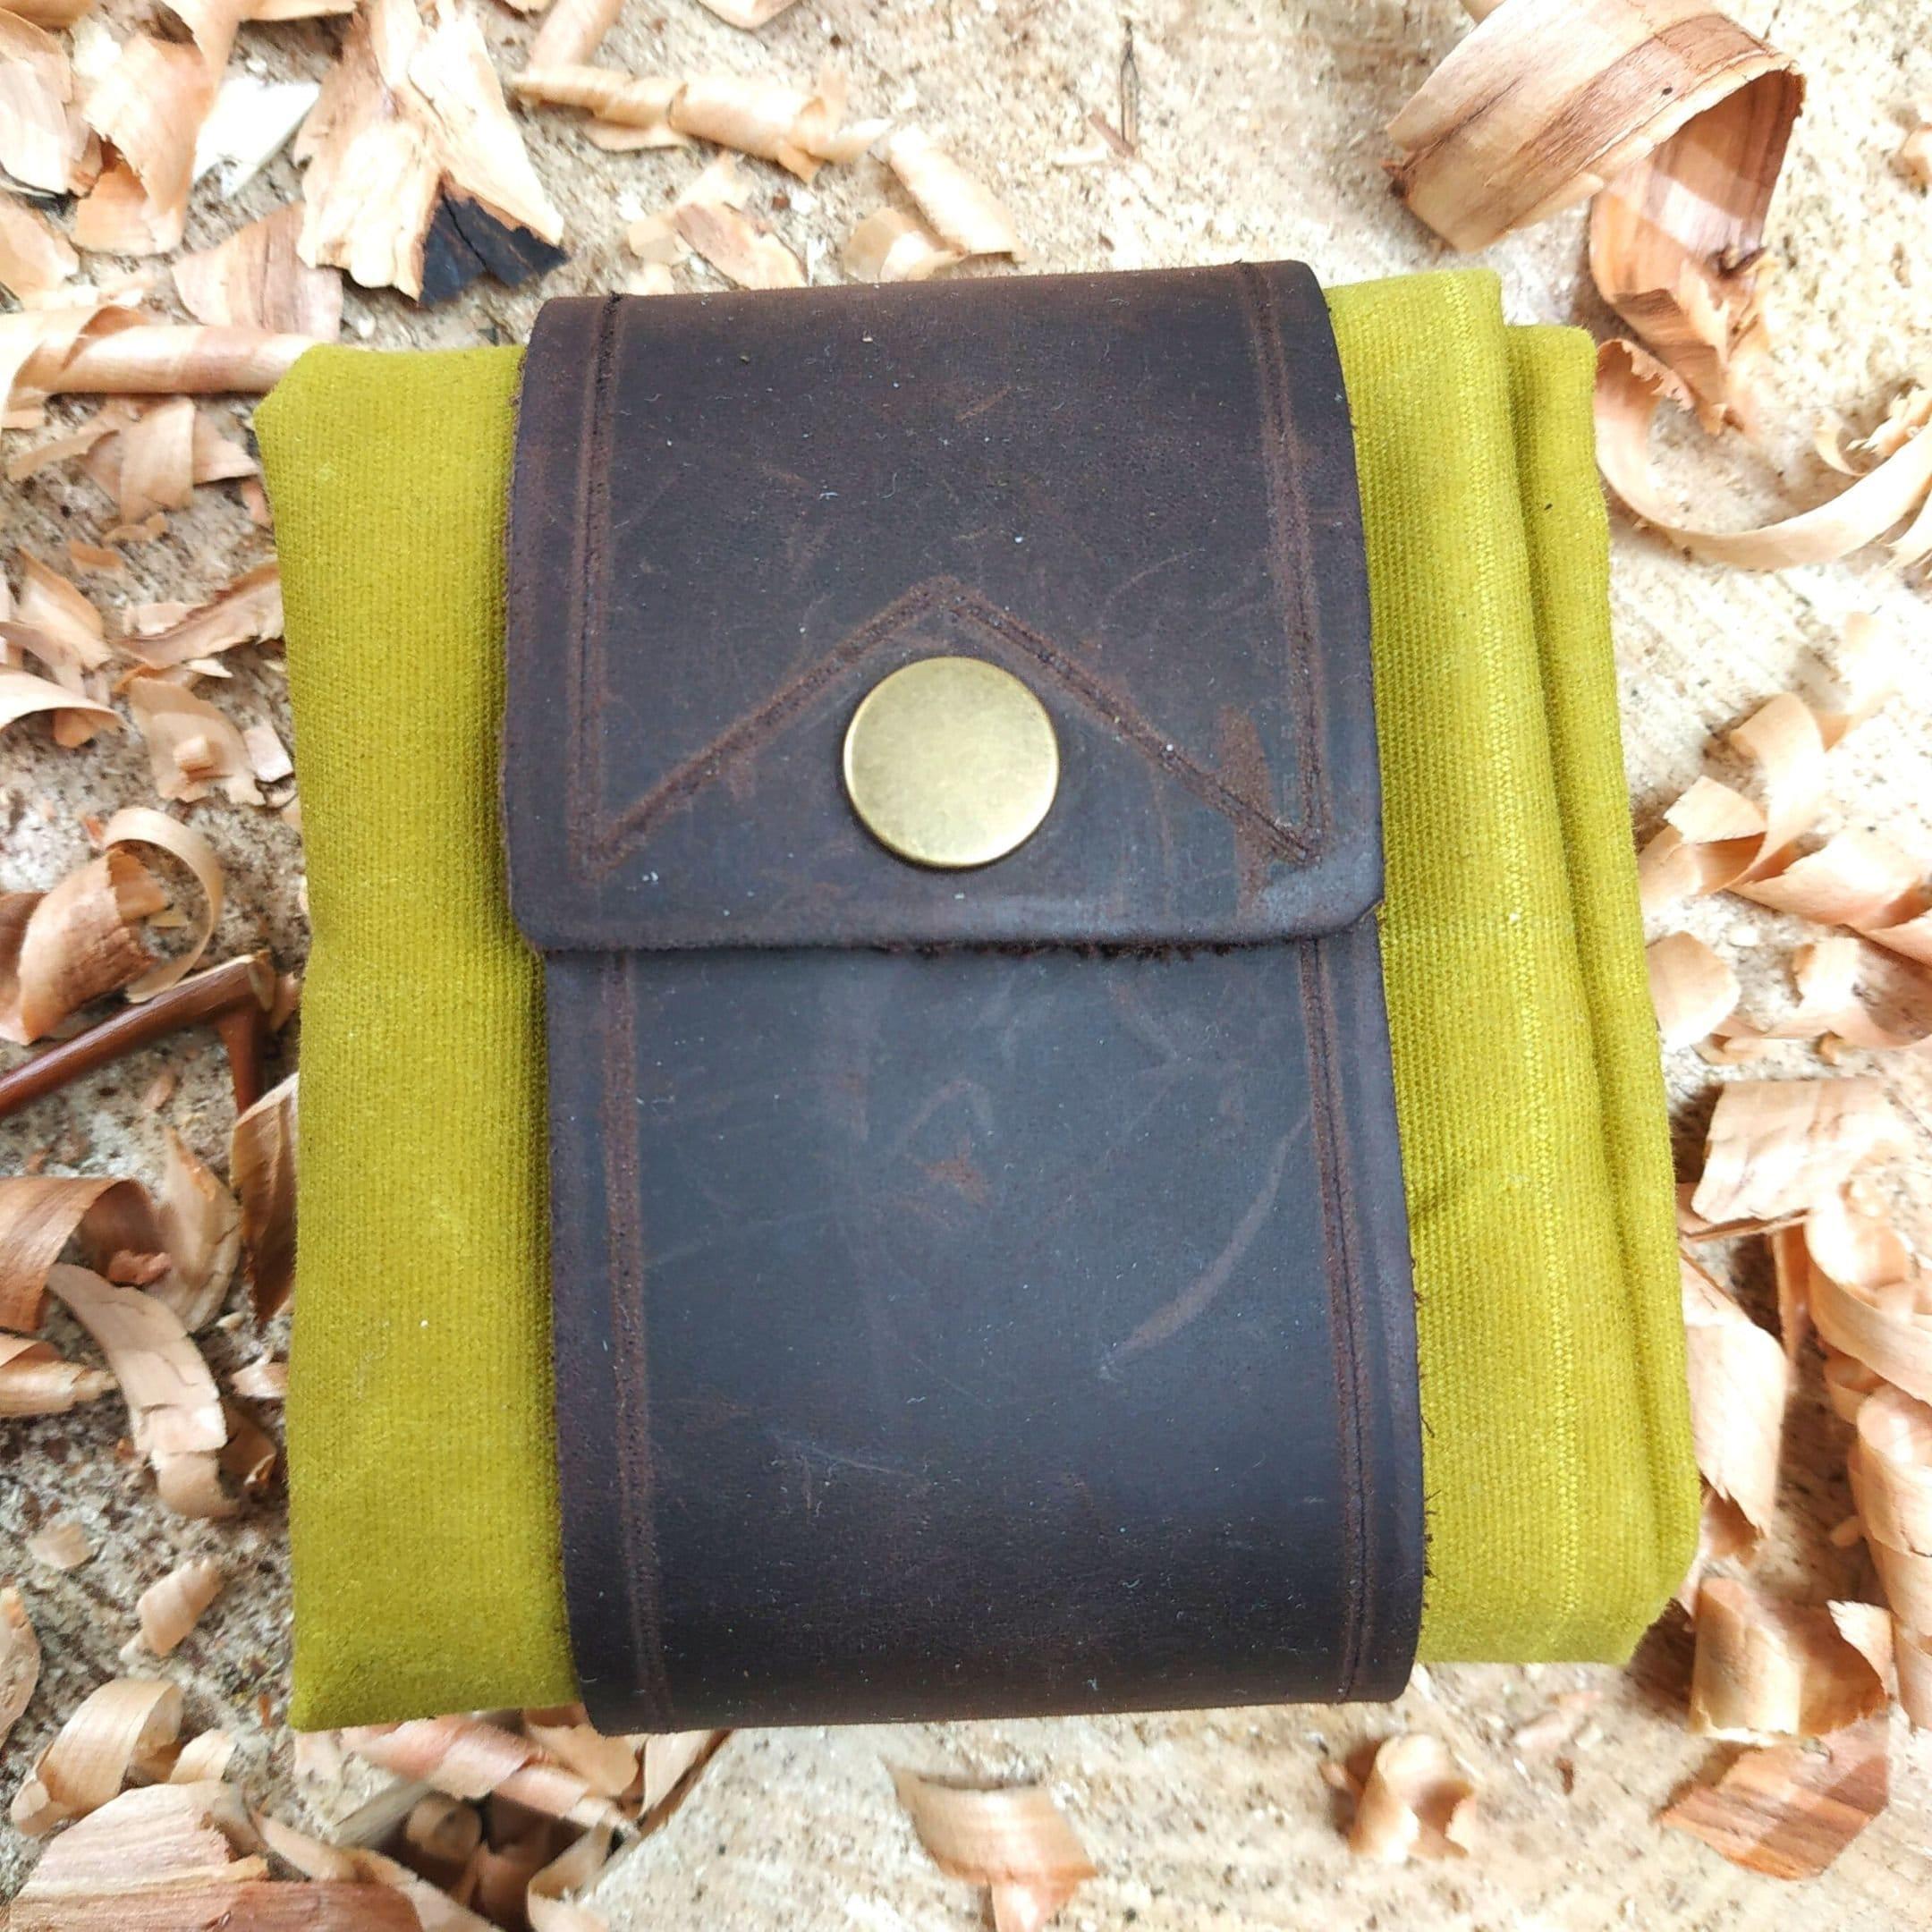 Sammeltasche mit Gürtelbefestigung, echtes Leder, Tasche aus Oilskin, oliv